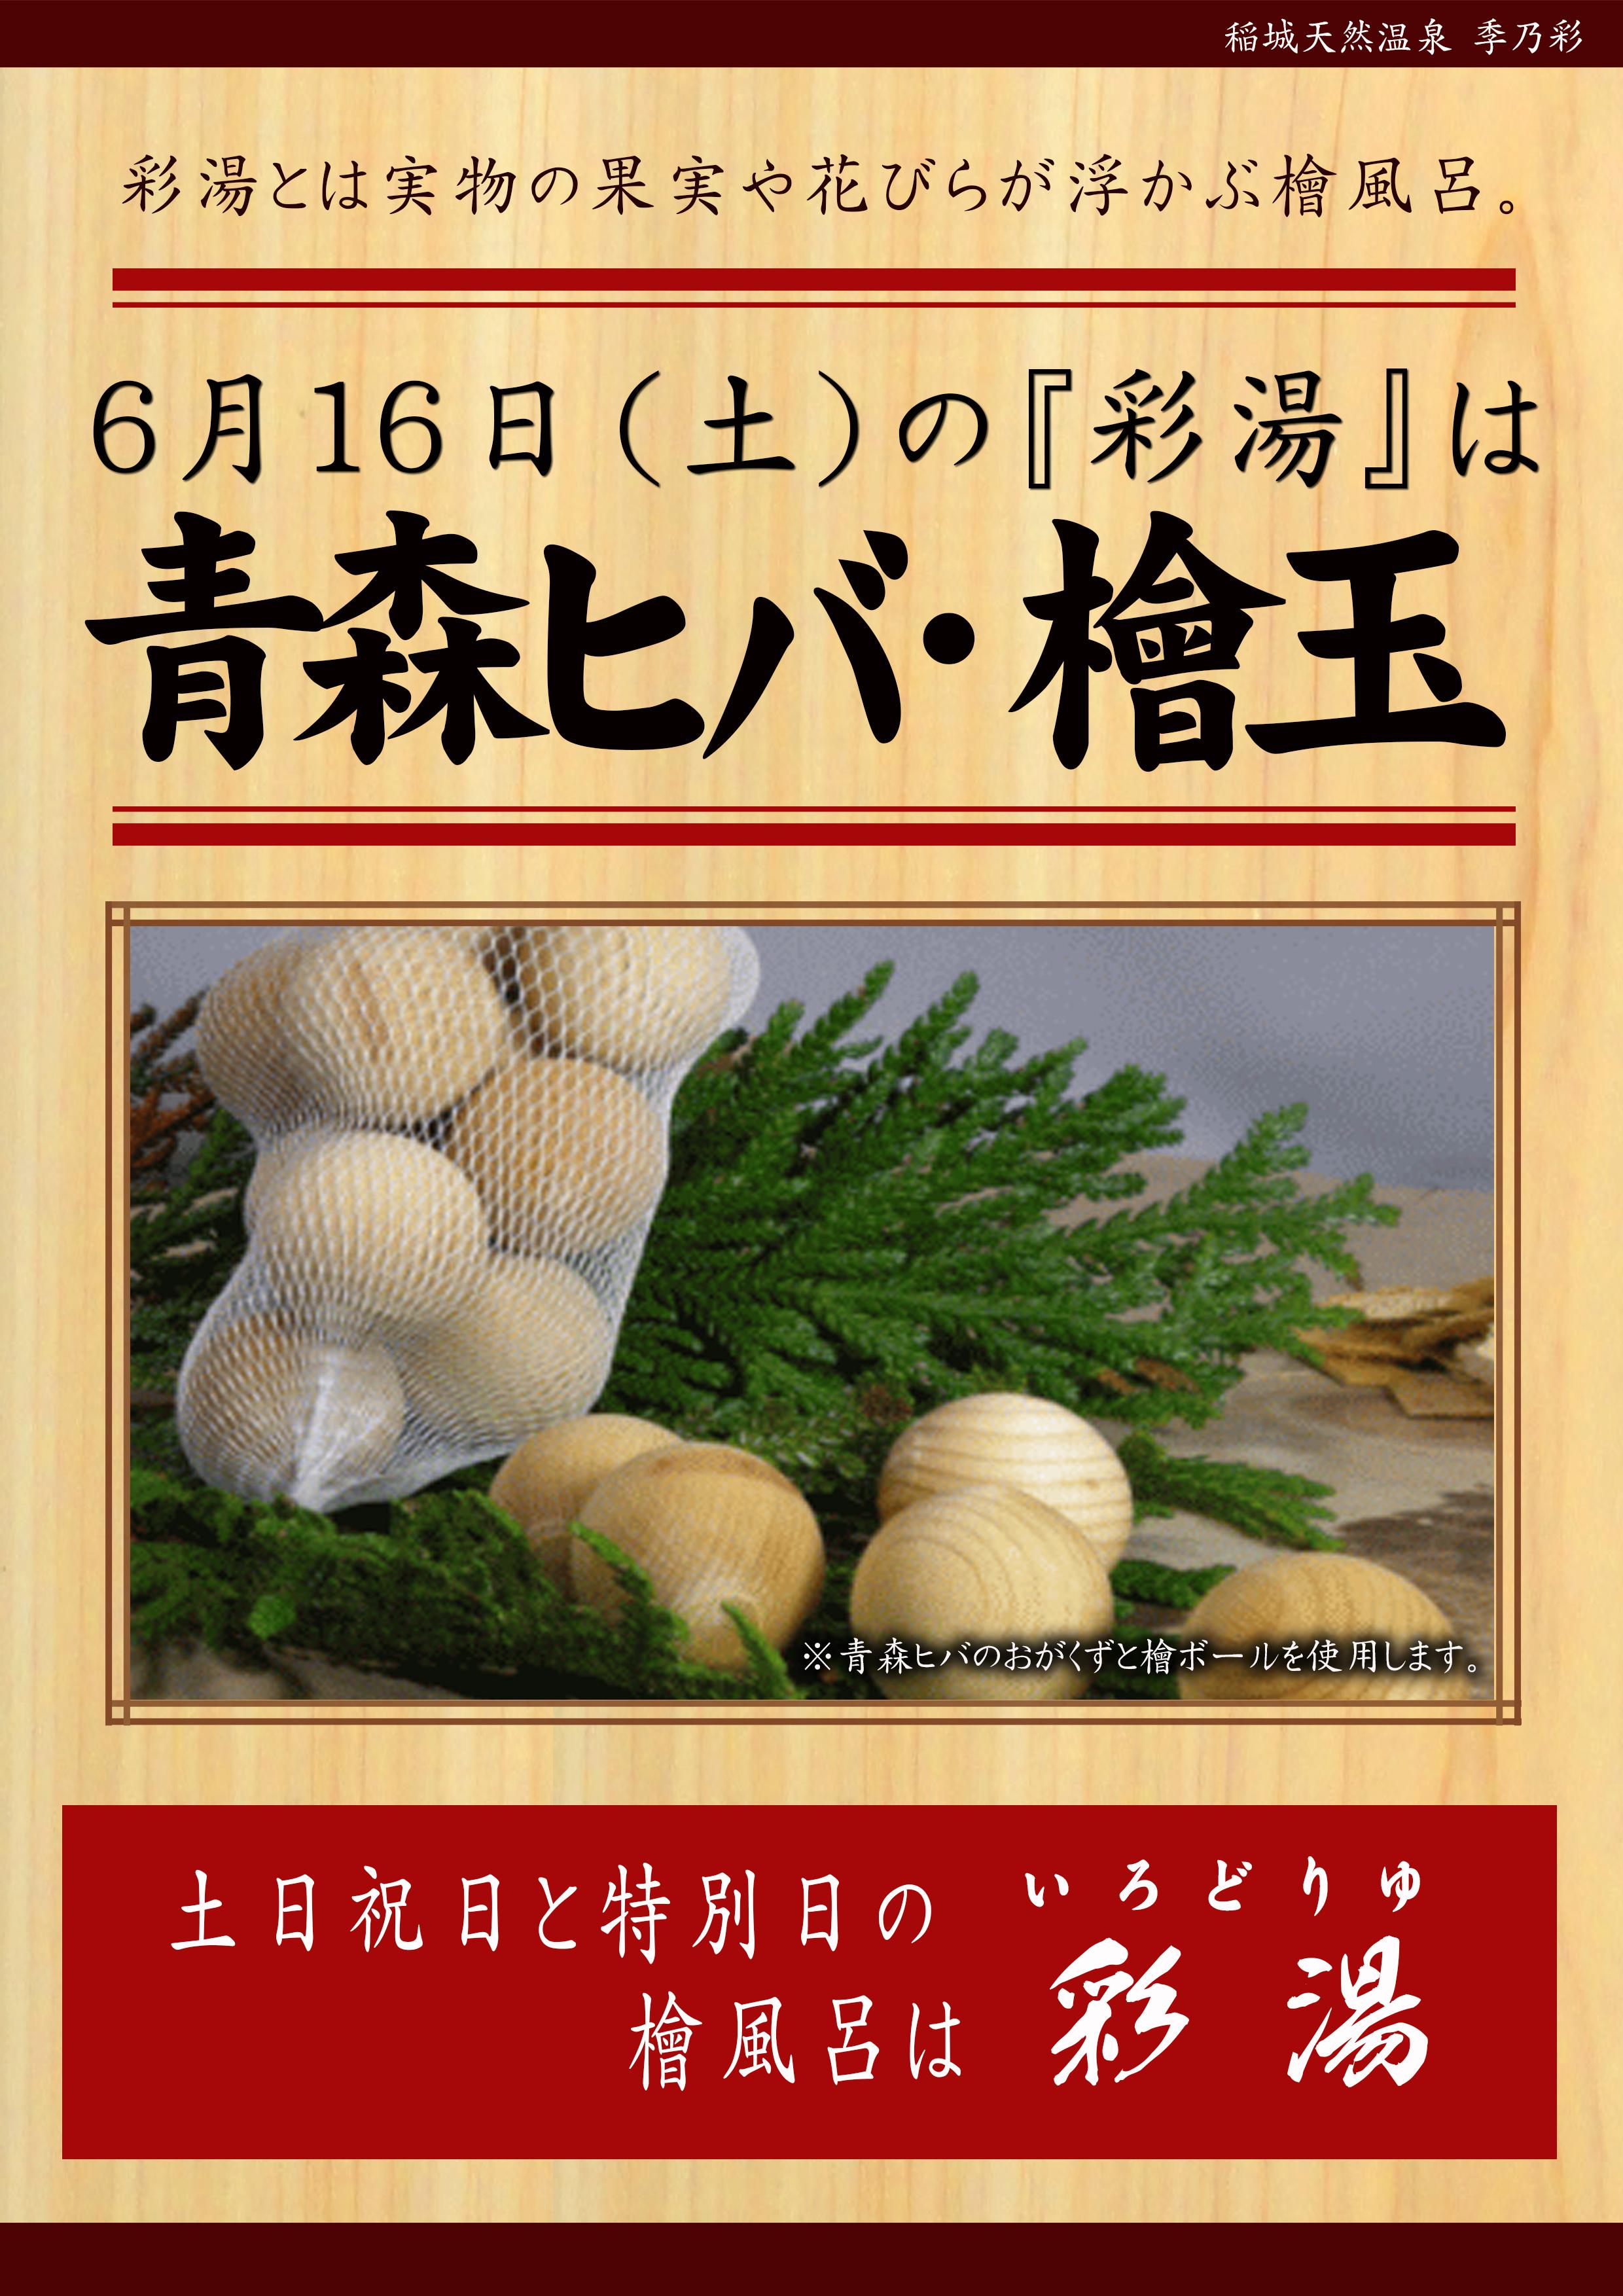 20180616POP イベント 彩湯 青森ヒバ&檜ボール